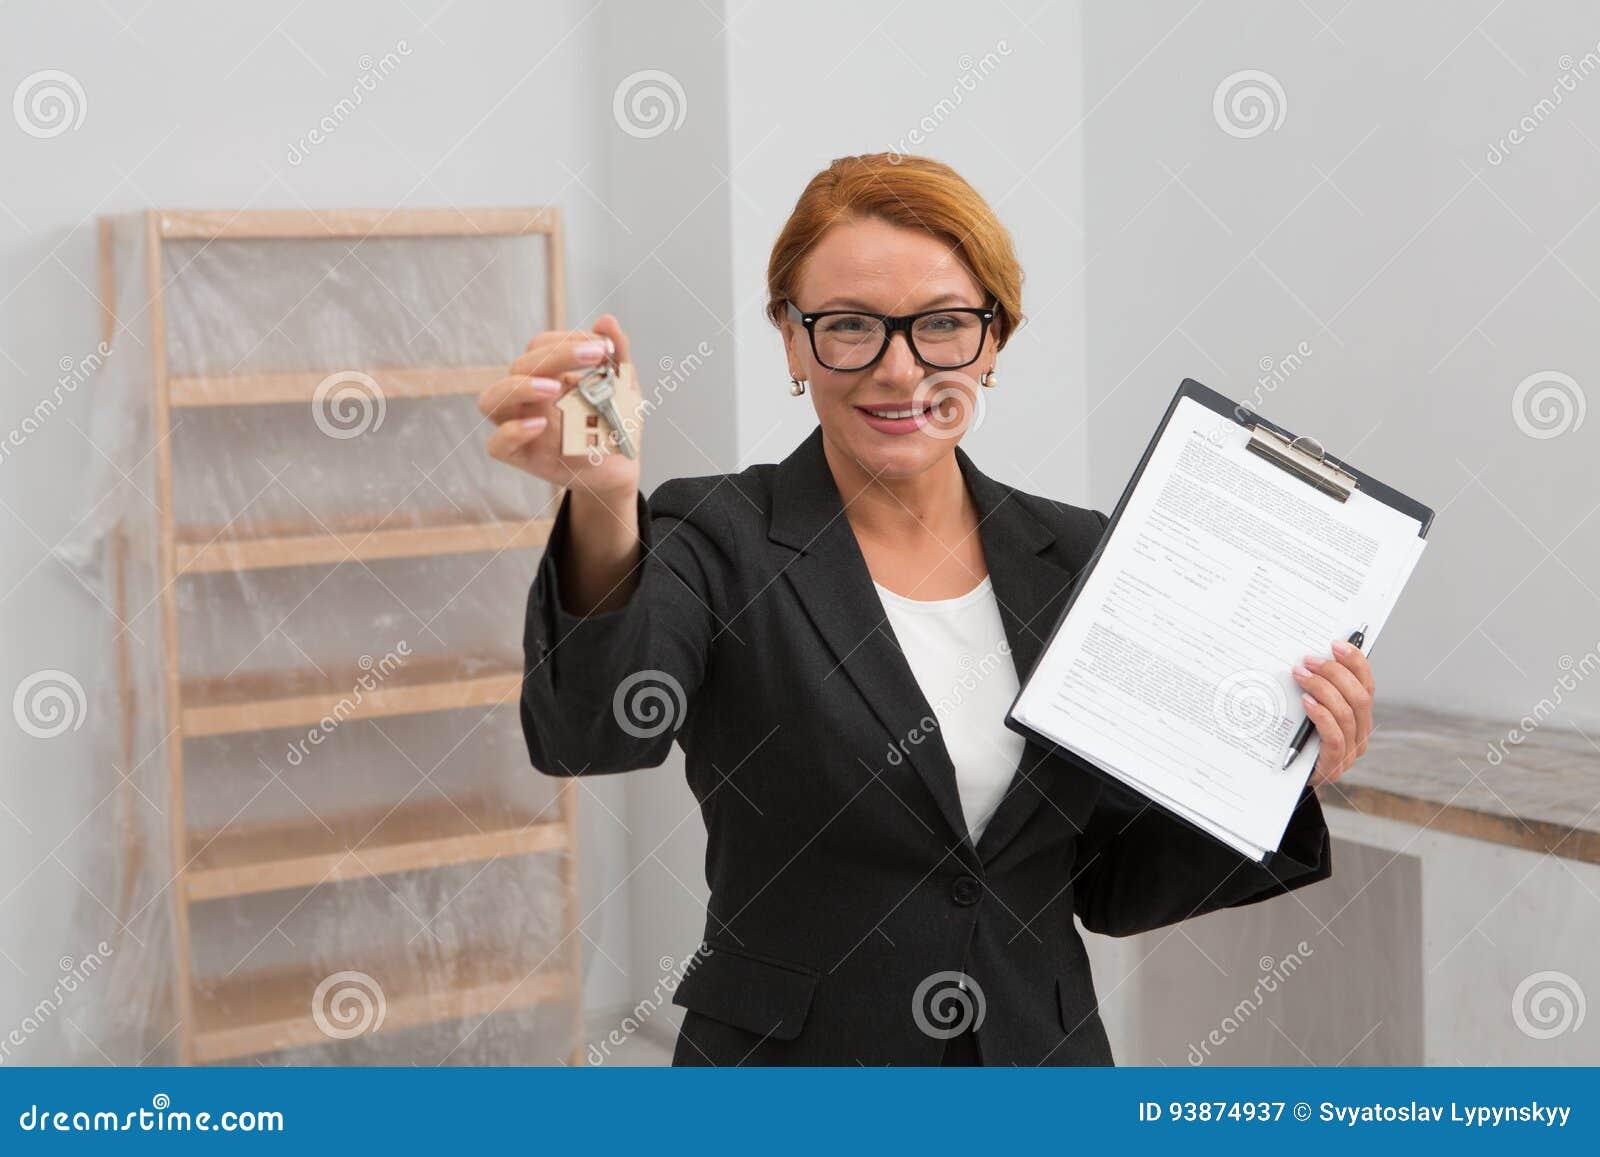 Der Grundstücksmakler Der Vorschlägt Eine Vereinbarung Für